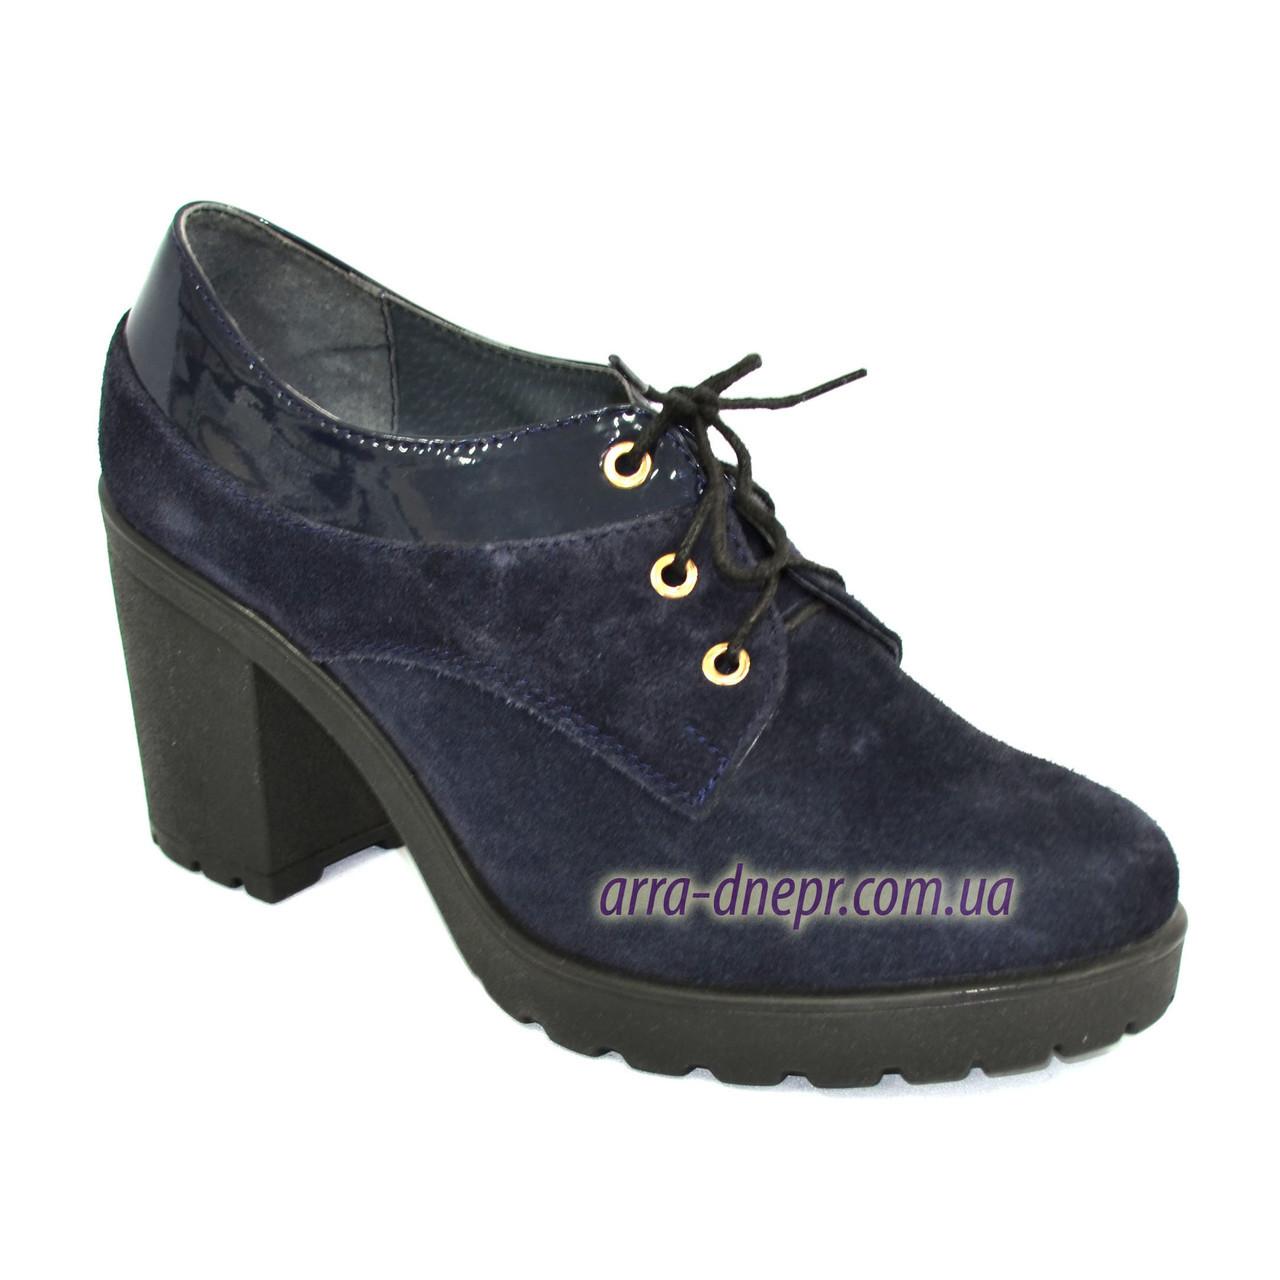 Женские синие замшевые туфли на шнуровке, устойчивый каблук